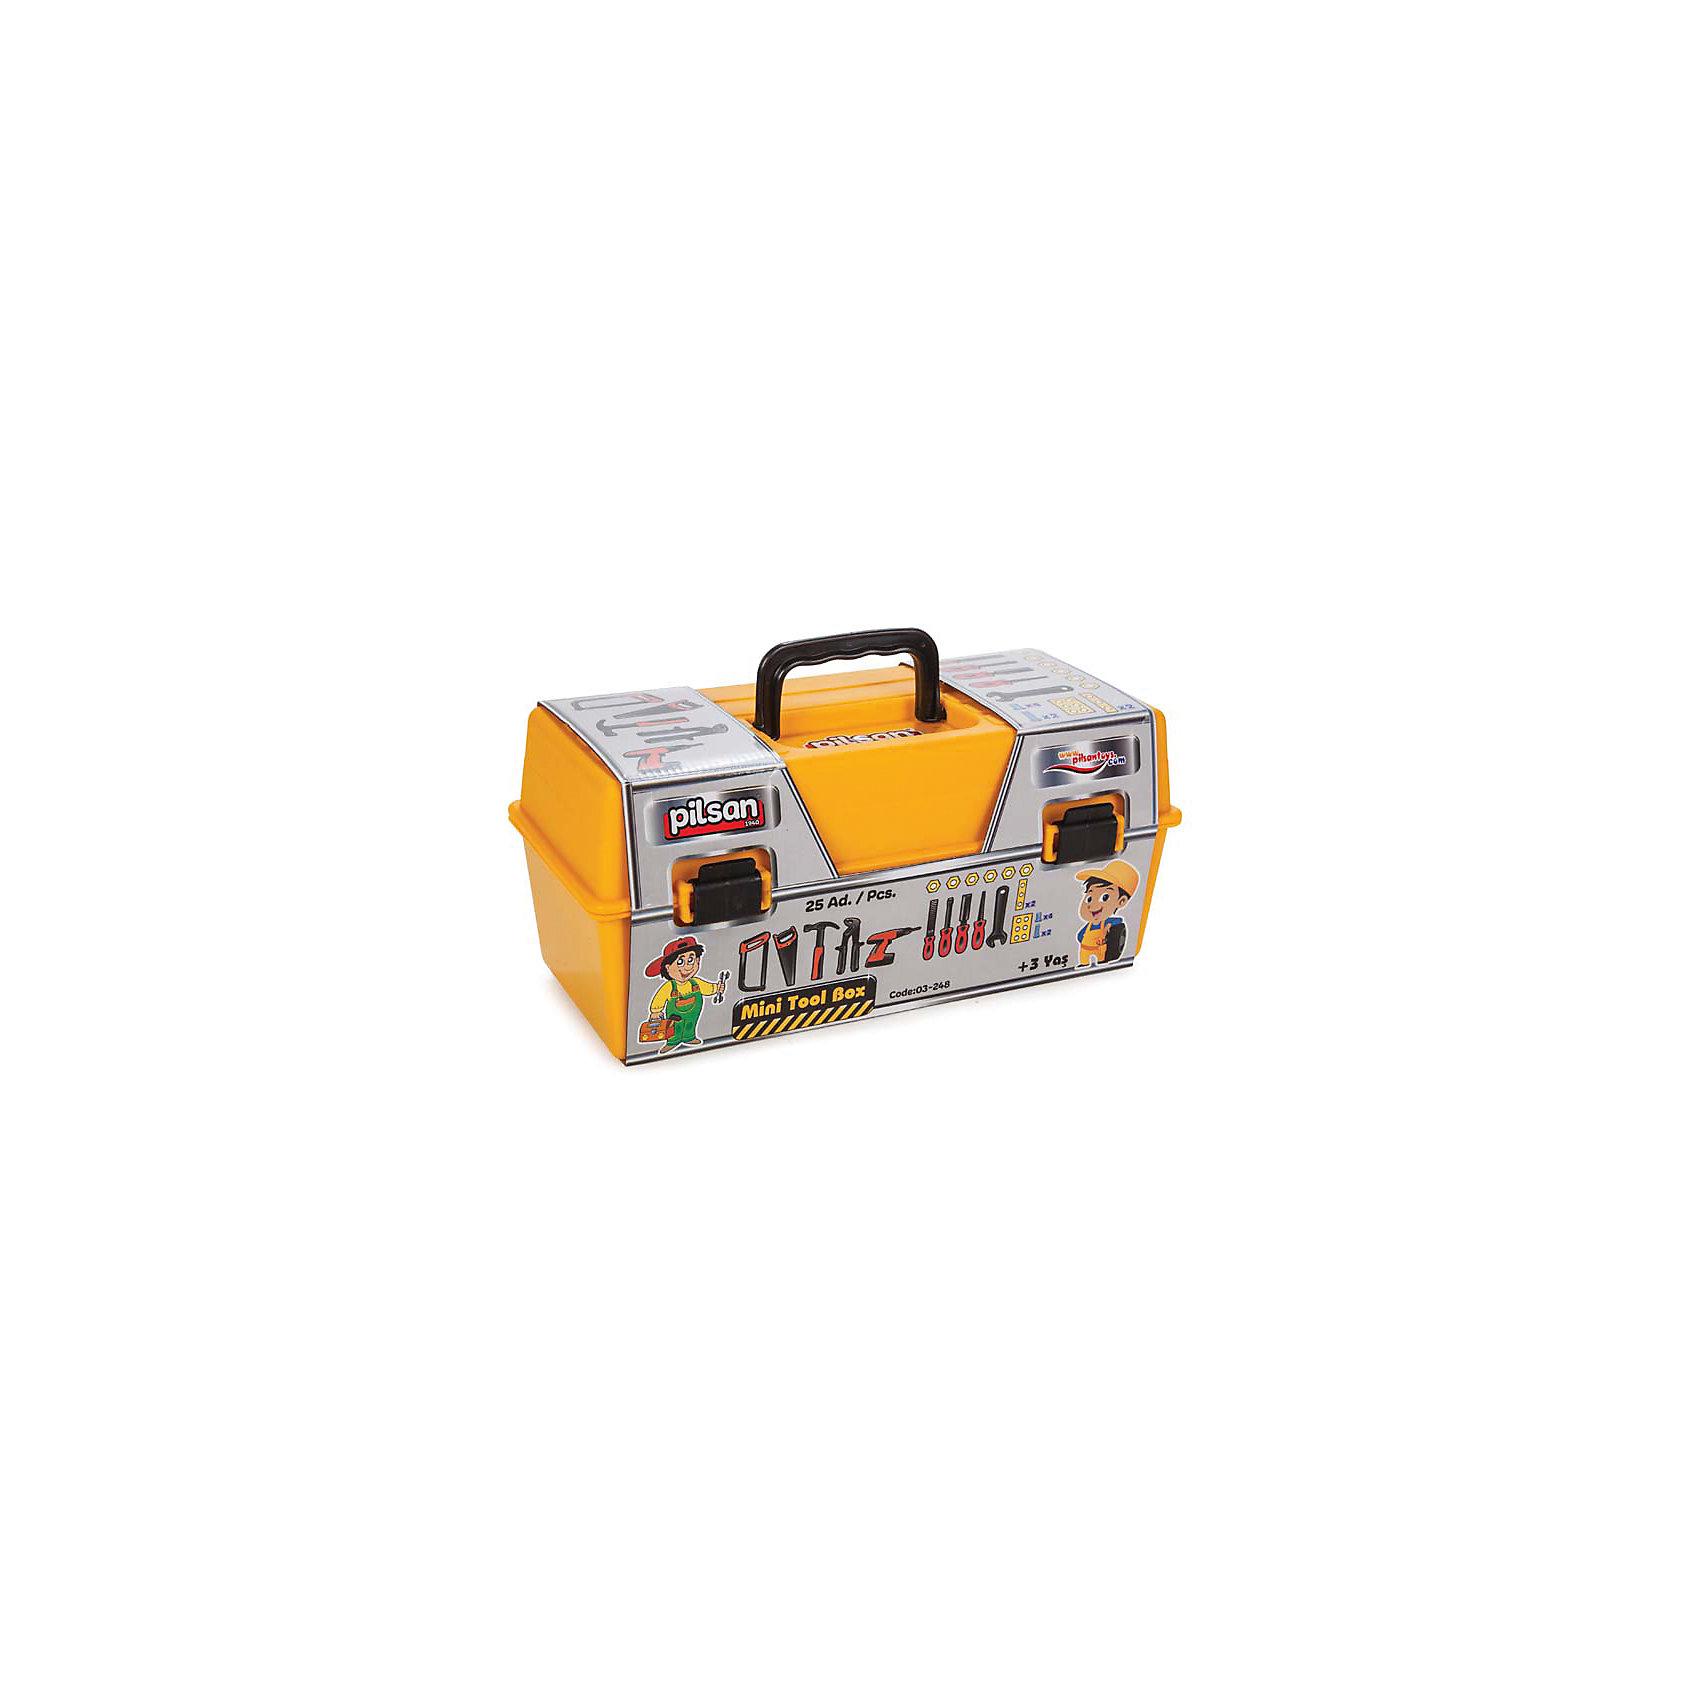 Инструменты Mini Tool, в ящике, PilsanМини ящик для инструментов из 25 частей<br>Для детей от 3 лет<br>Стимулирует воображение и творчество<br>Развивает и совершенствует координацию и технические навыки ребенка<br><br>Ширина мм: 340<br>Глубина мм: 160<br>Высота мм: 150<br>Вес г: 840<br>Возраст от месяцев: 36<br>Возраст до месяцев: 120<br>Пол: Унисекс<br>Возраст: Детский<br>SKU: 5044997